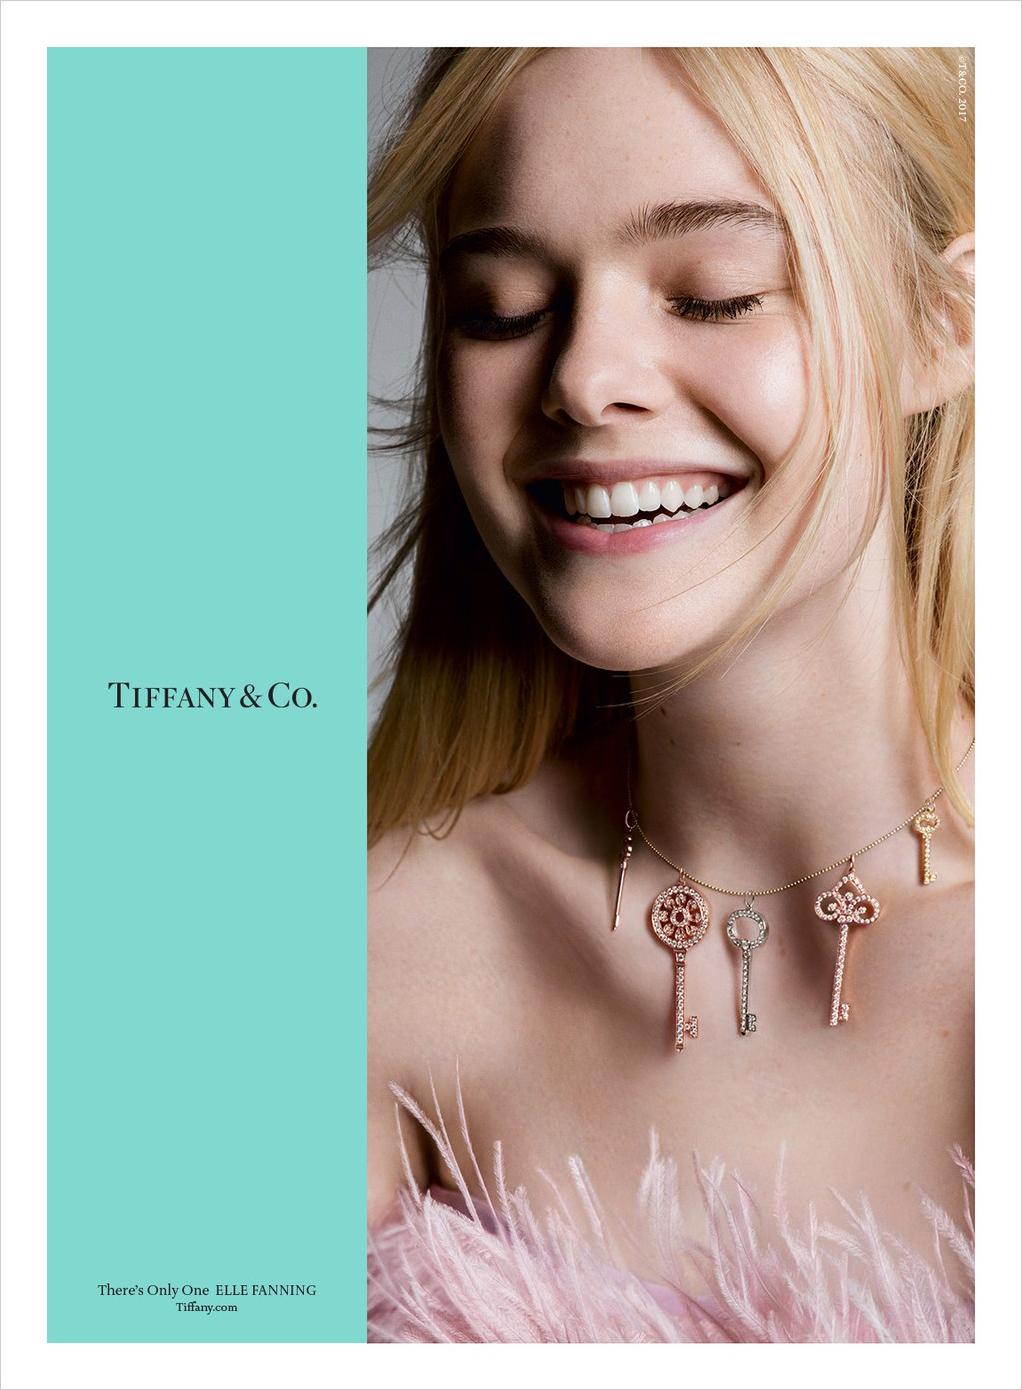 Tiffany-and-co-fall-2017-ad-campaign-the-impression-008.jpeg